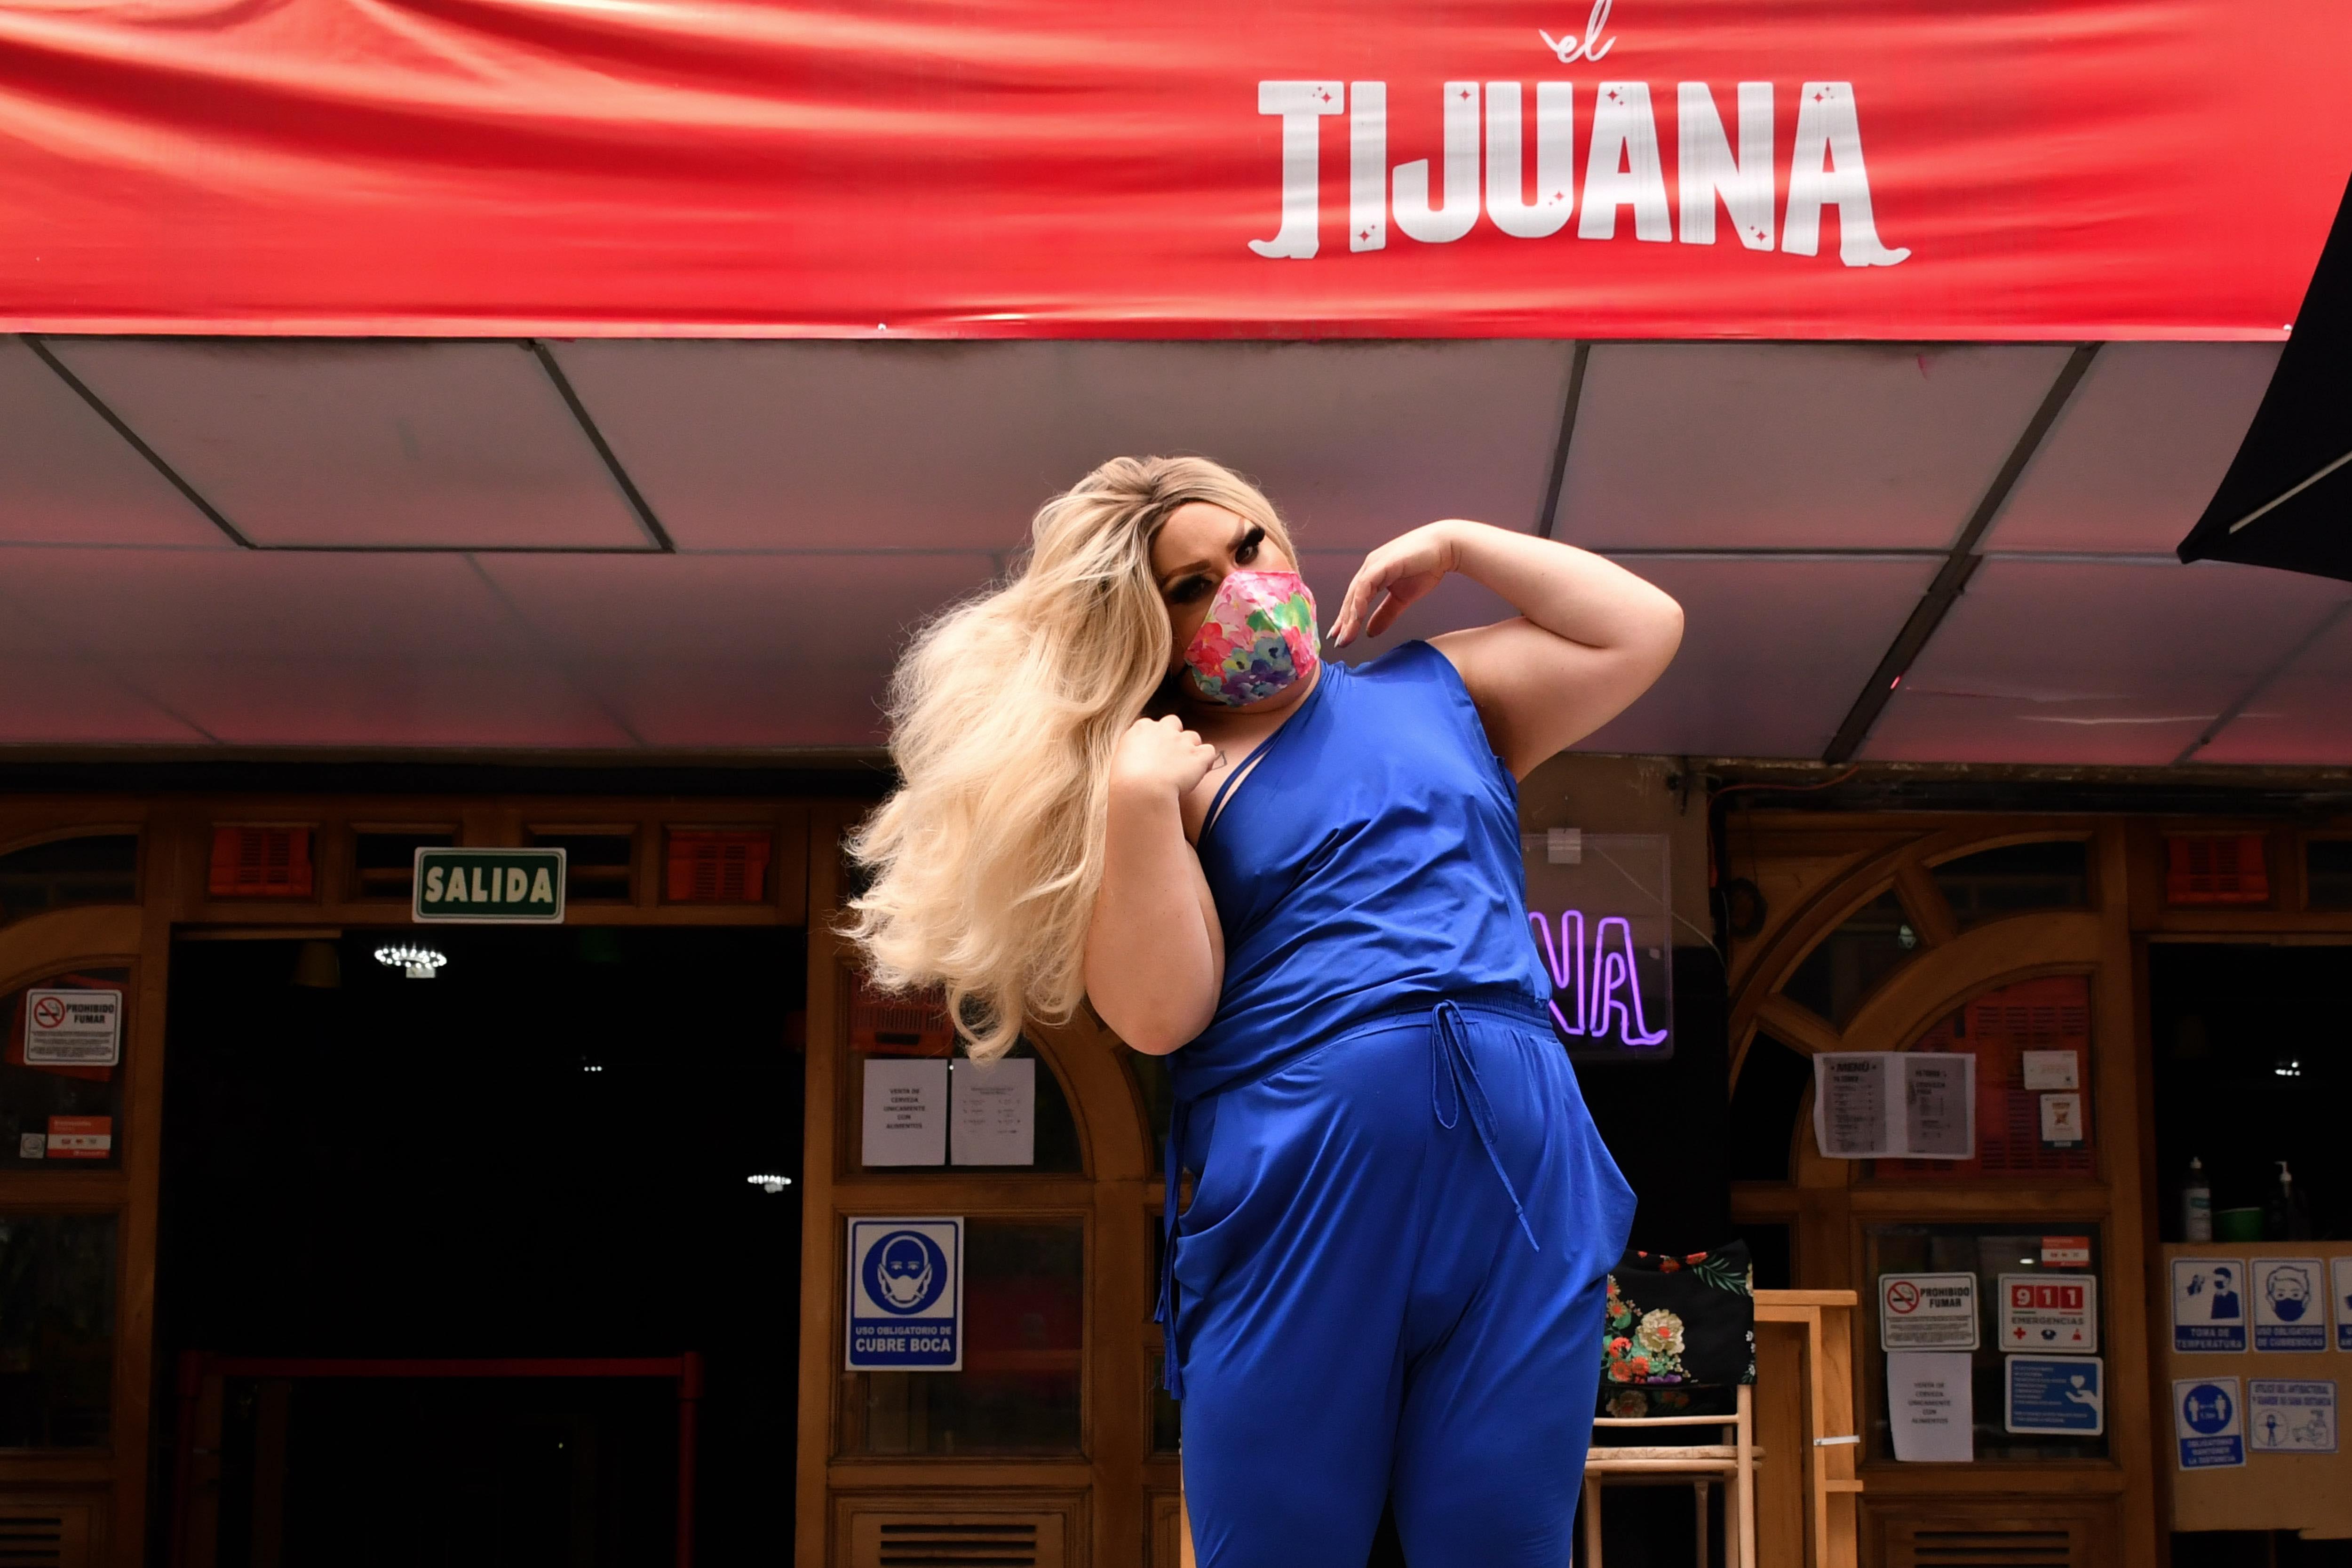 El Tijuana Cantina: drags, ceviches y tragos al 2x1